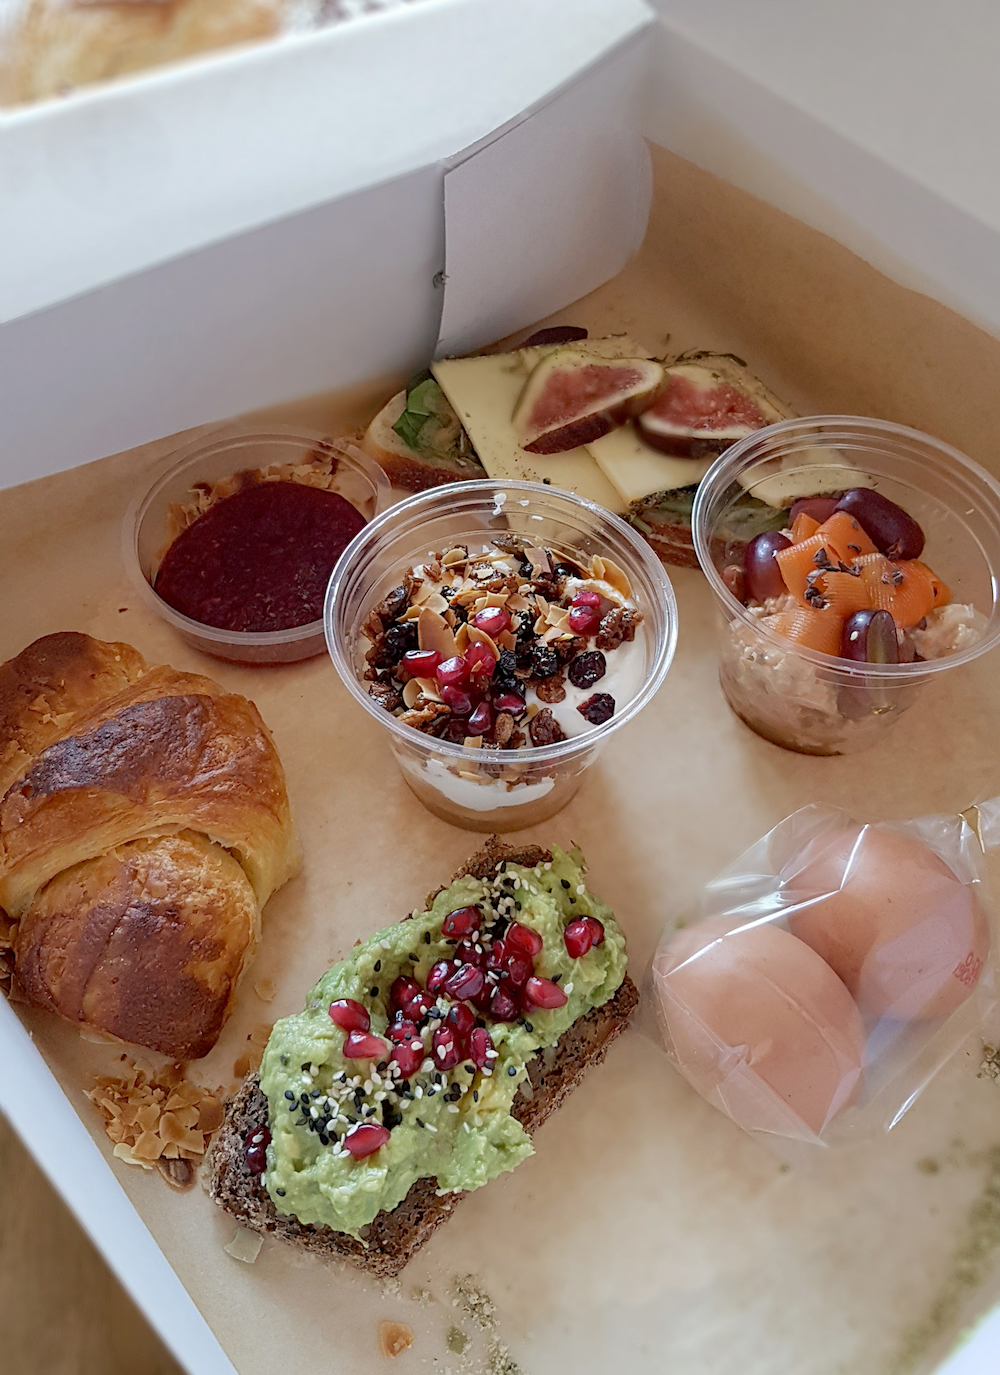 Lisas Frühstück vom MIt Herz und Zucker